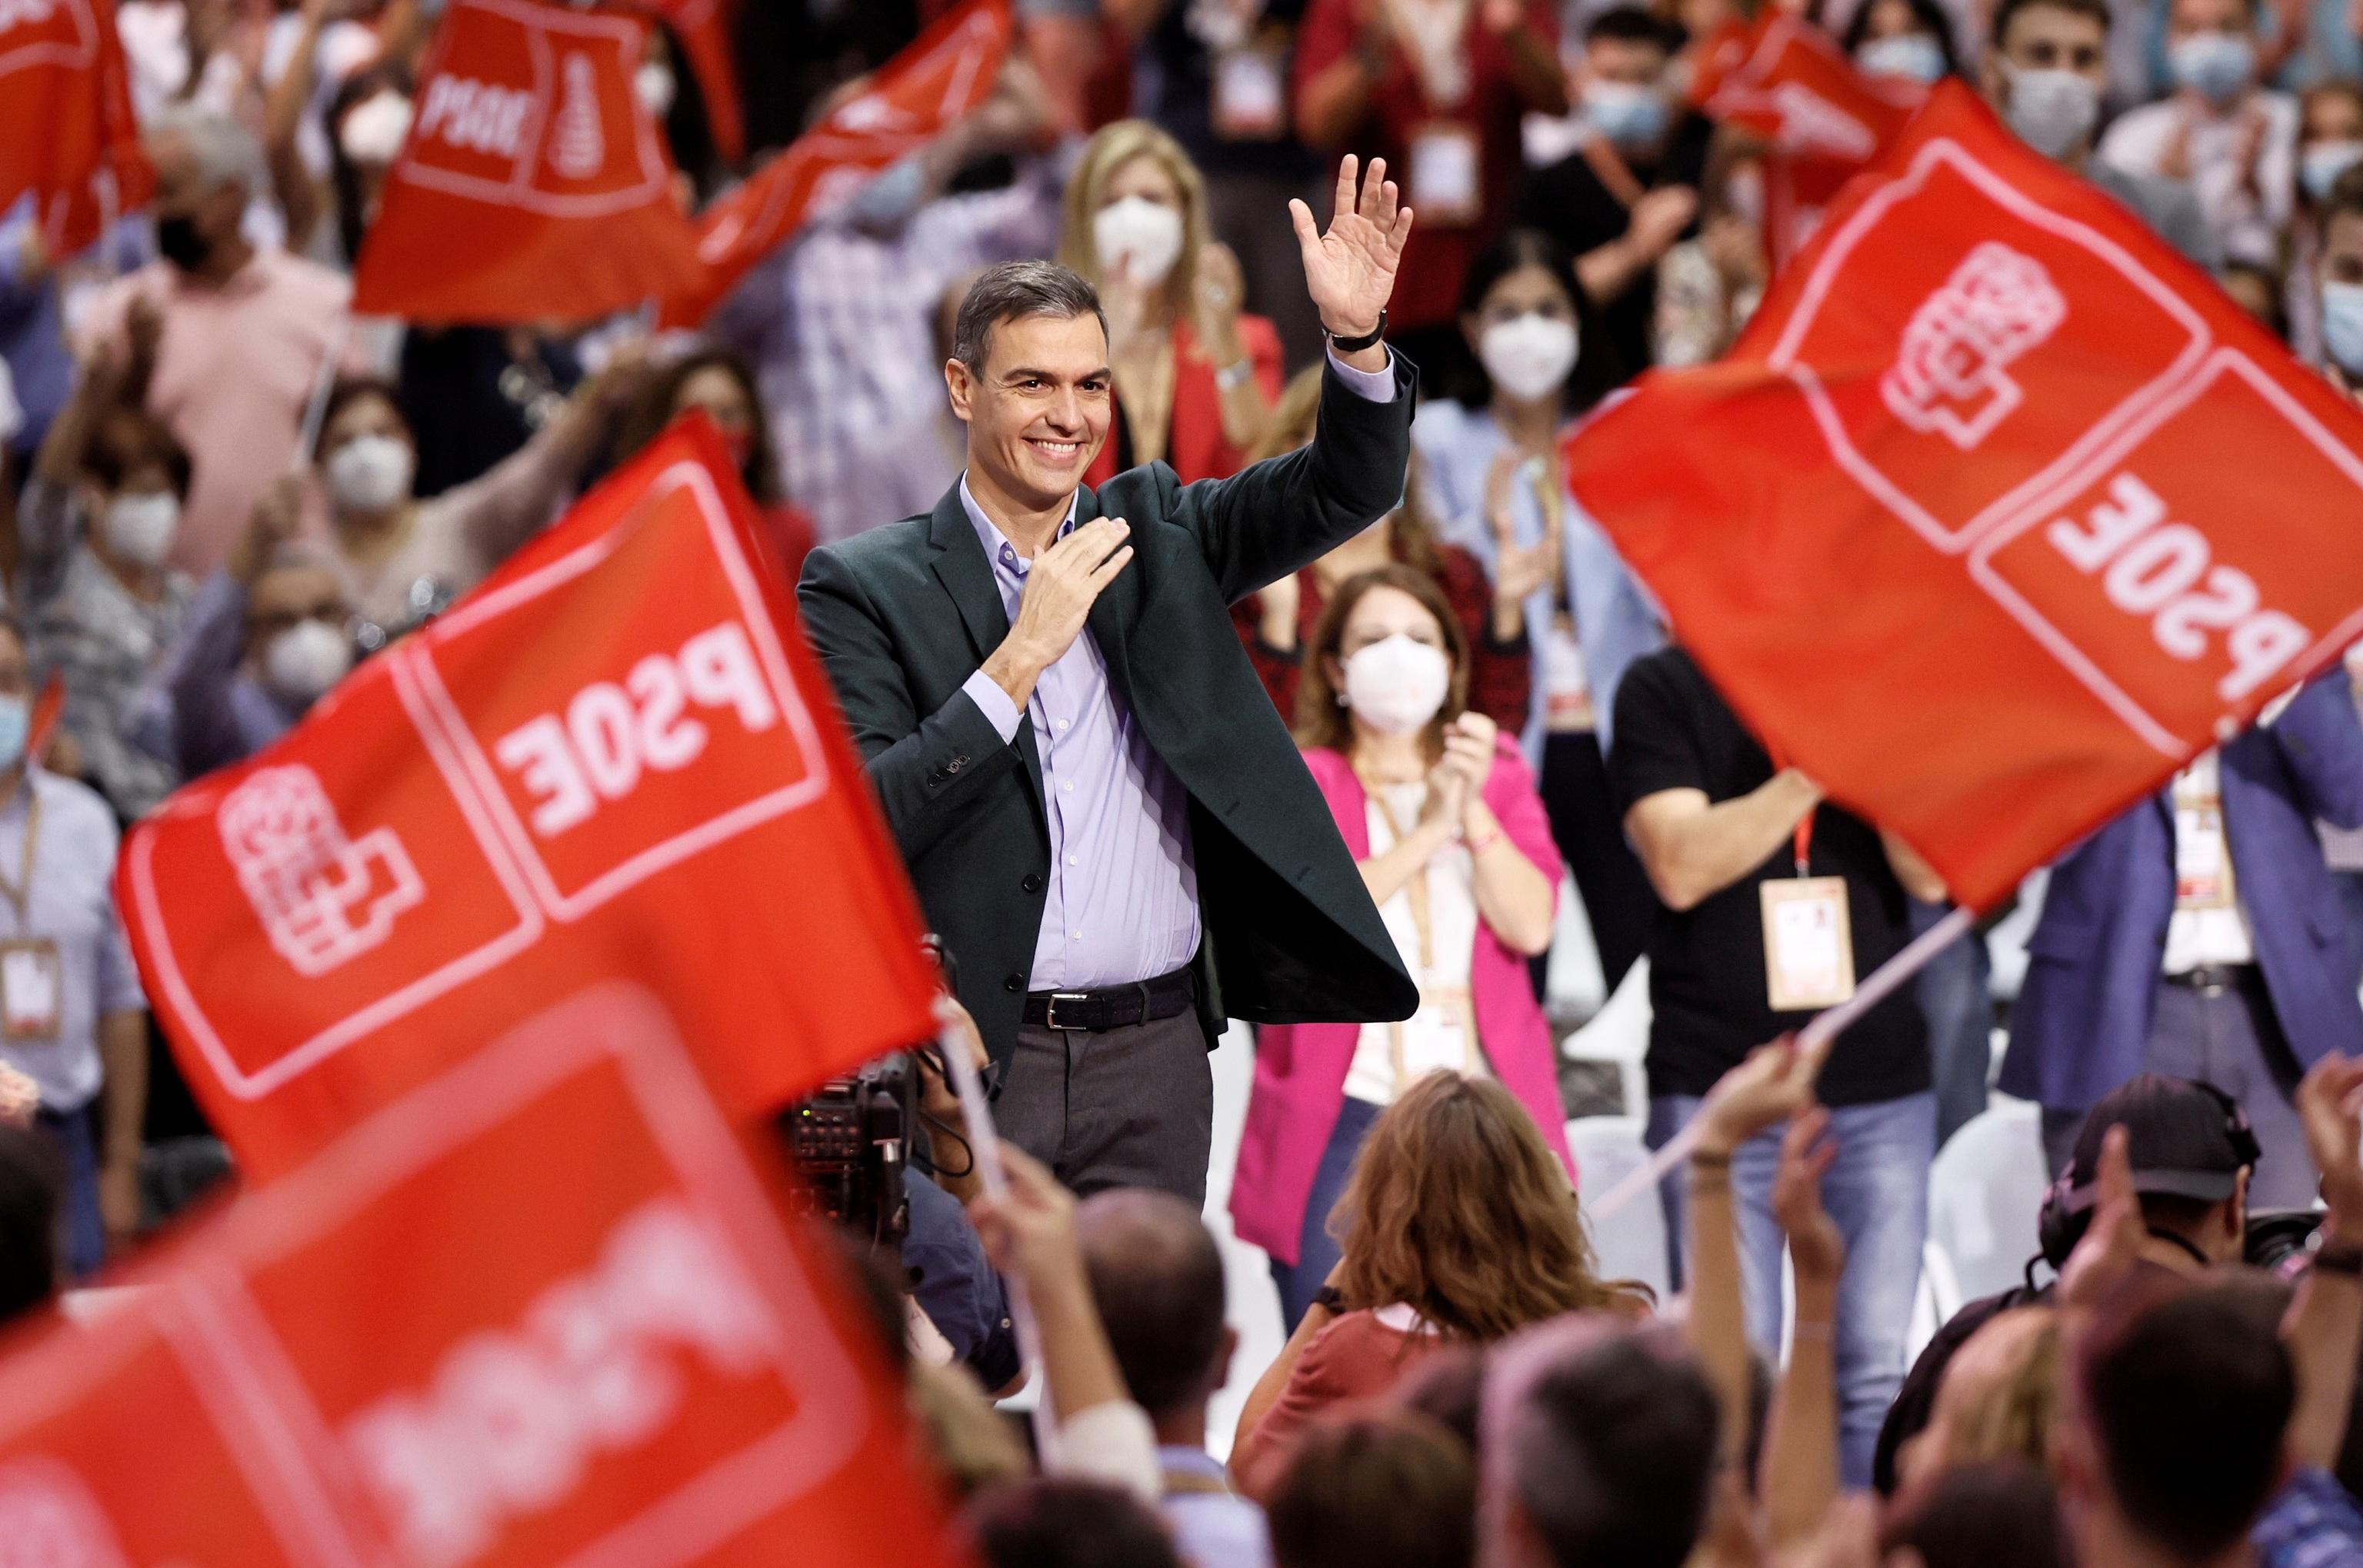 El presidente del Gobierno y Secretario General del PSOE, Pedro Sánchez, saludando en el 40 Congreso Federal del partido en Valencia.